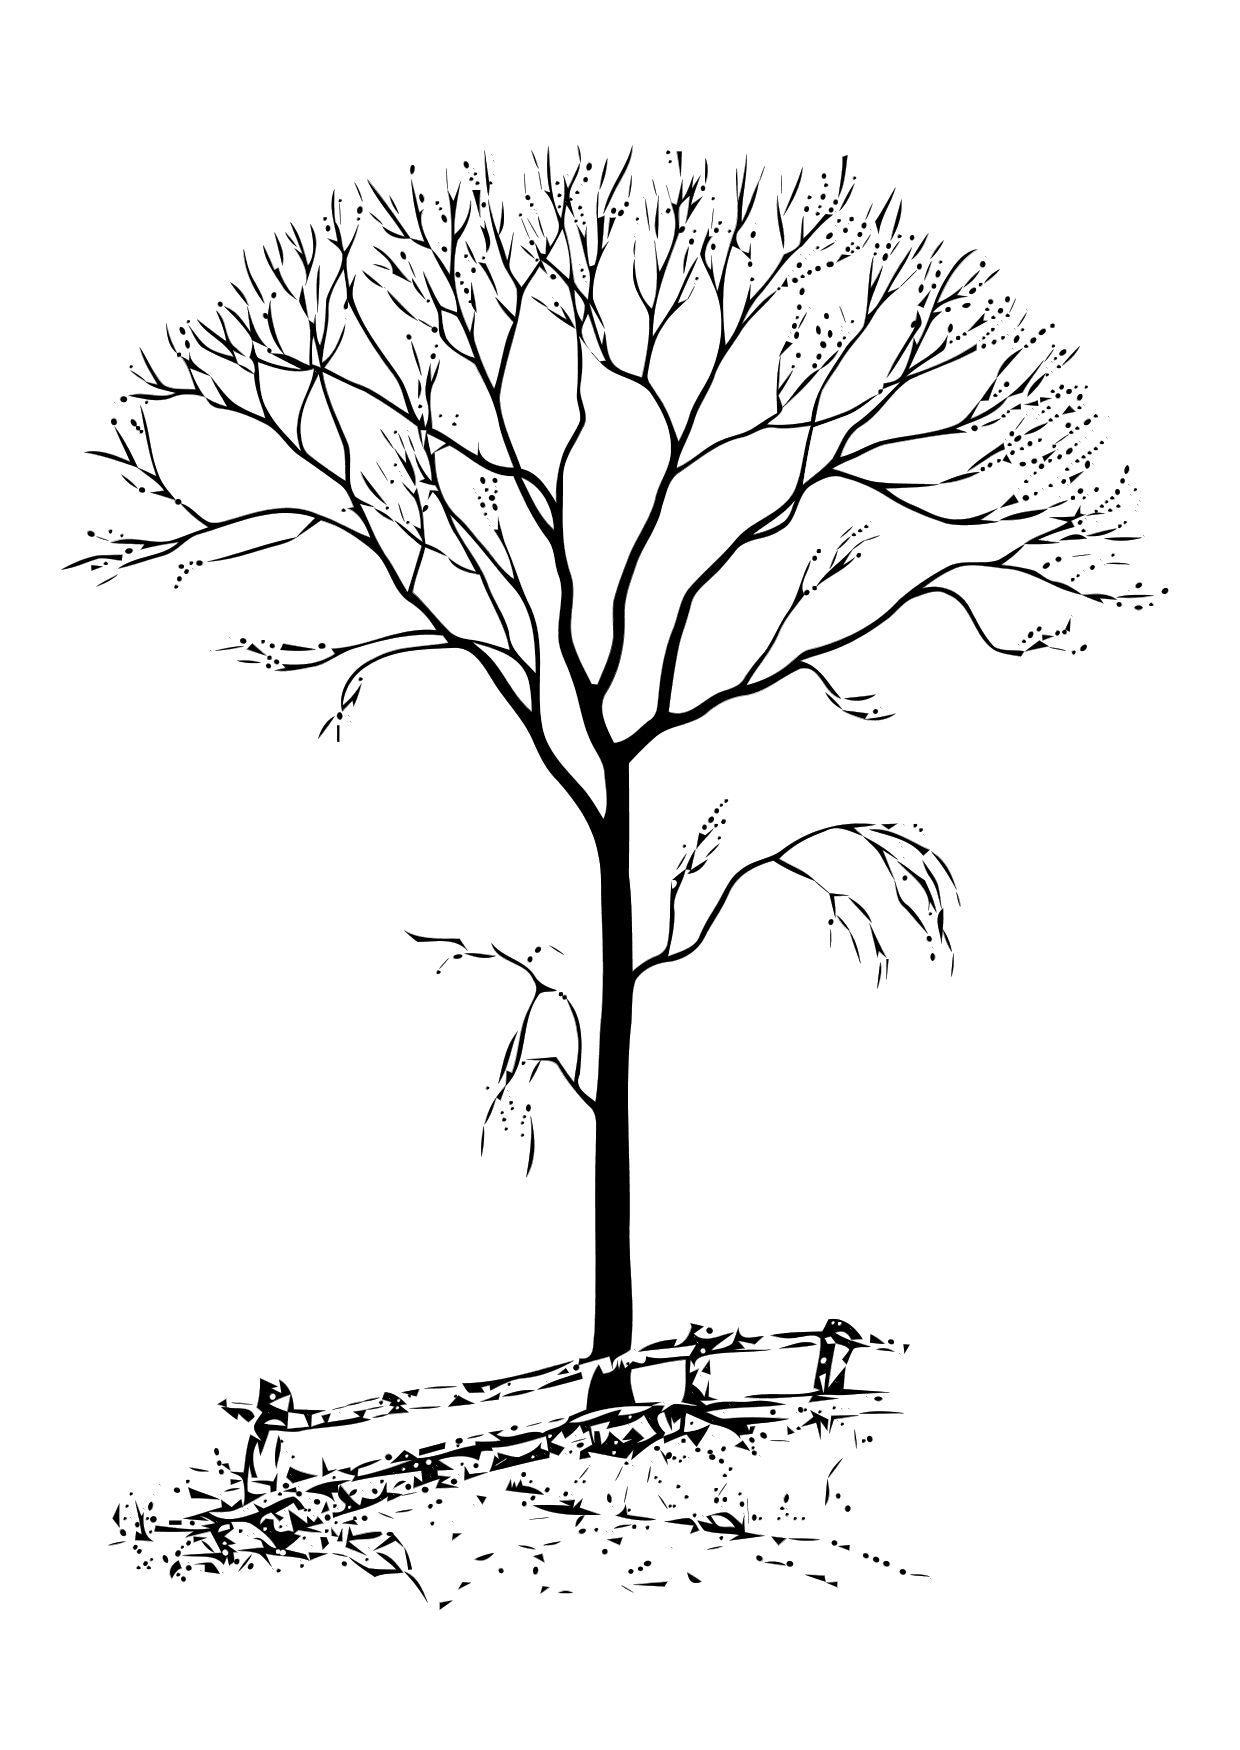 Dibujo para colorear rbol sin hojas  Img 11331